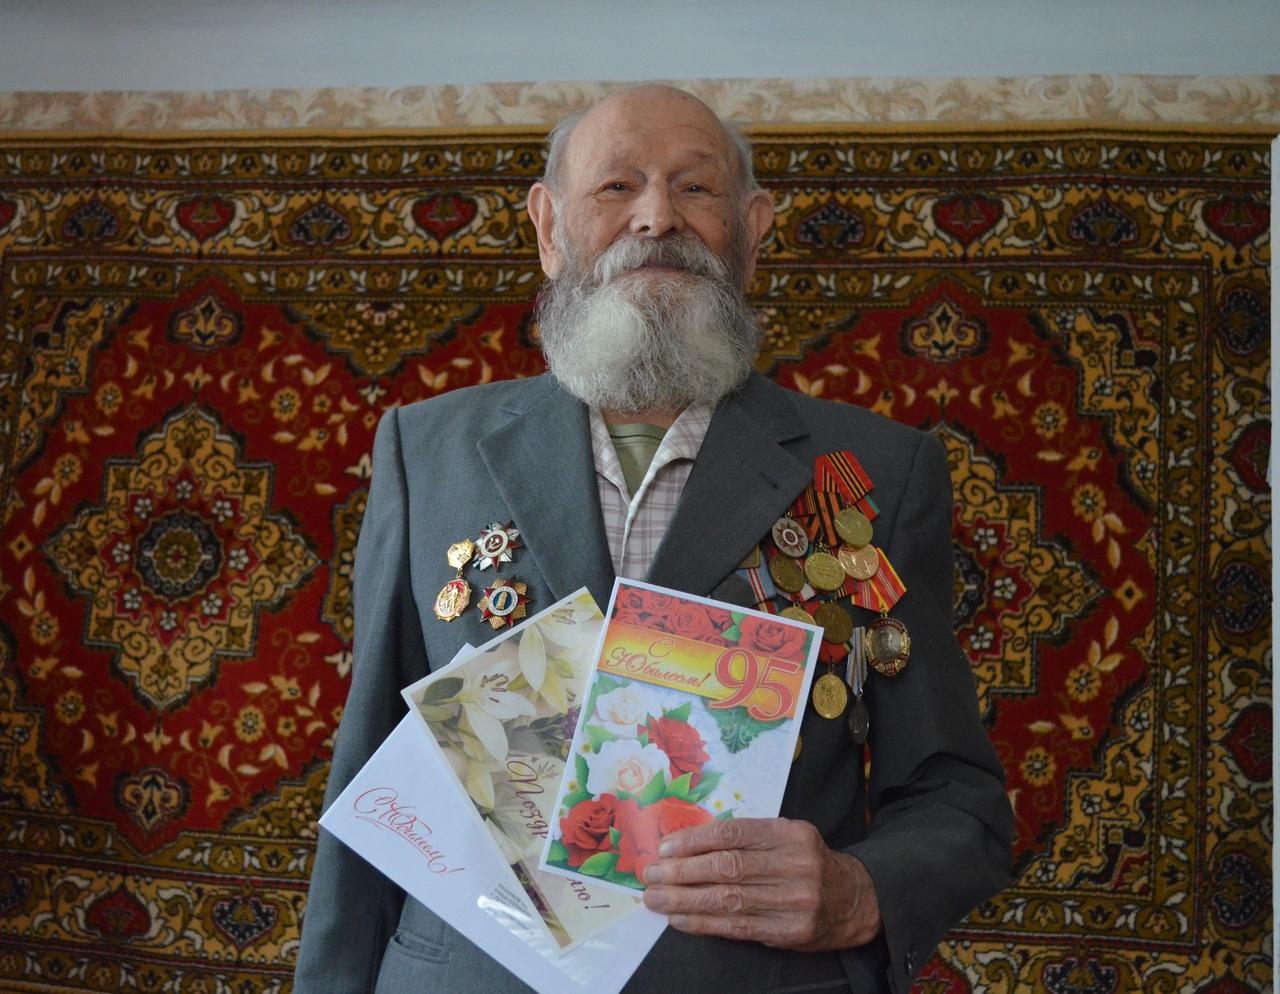 Сегодня 95-летний юбилей отмечает участник Великой Отечественной войны из Петровска Павел Андреевич ЛУШНИКОВ